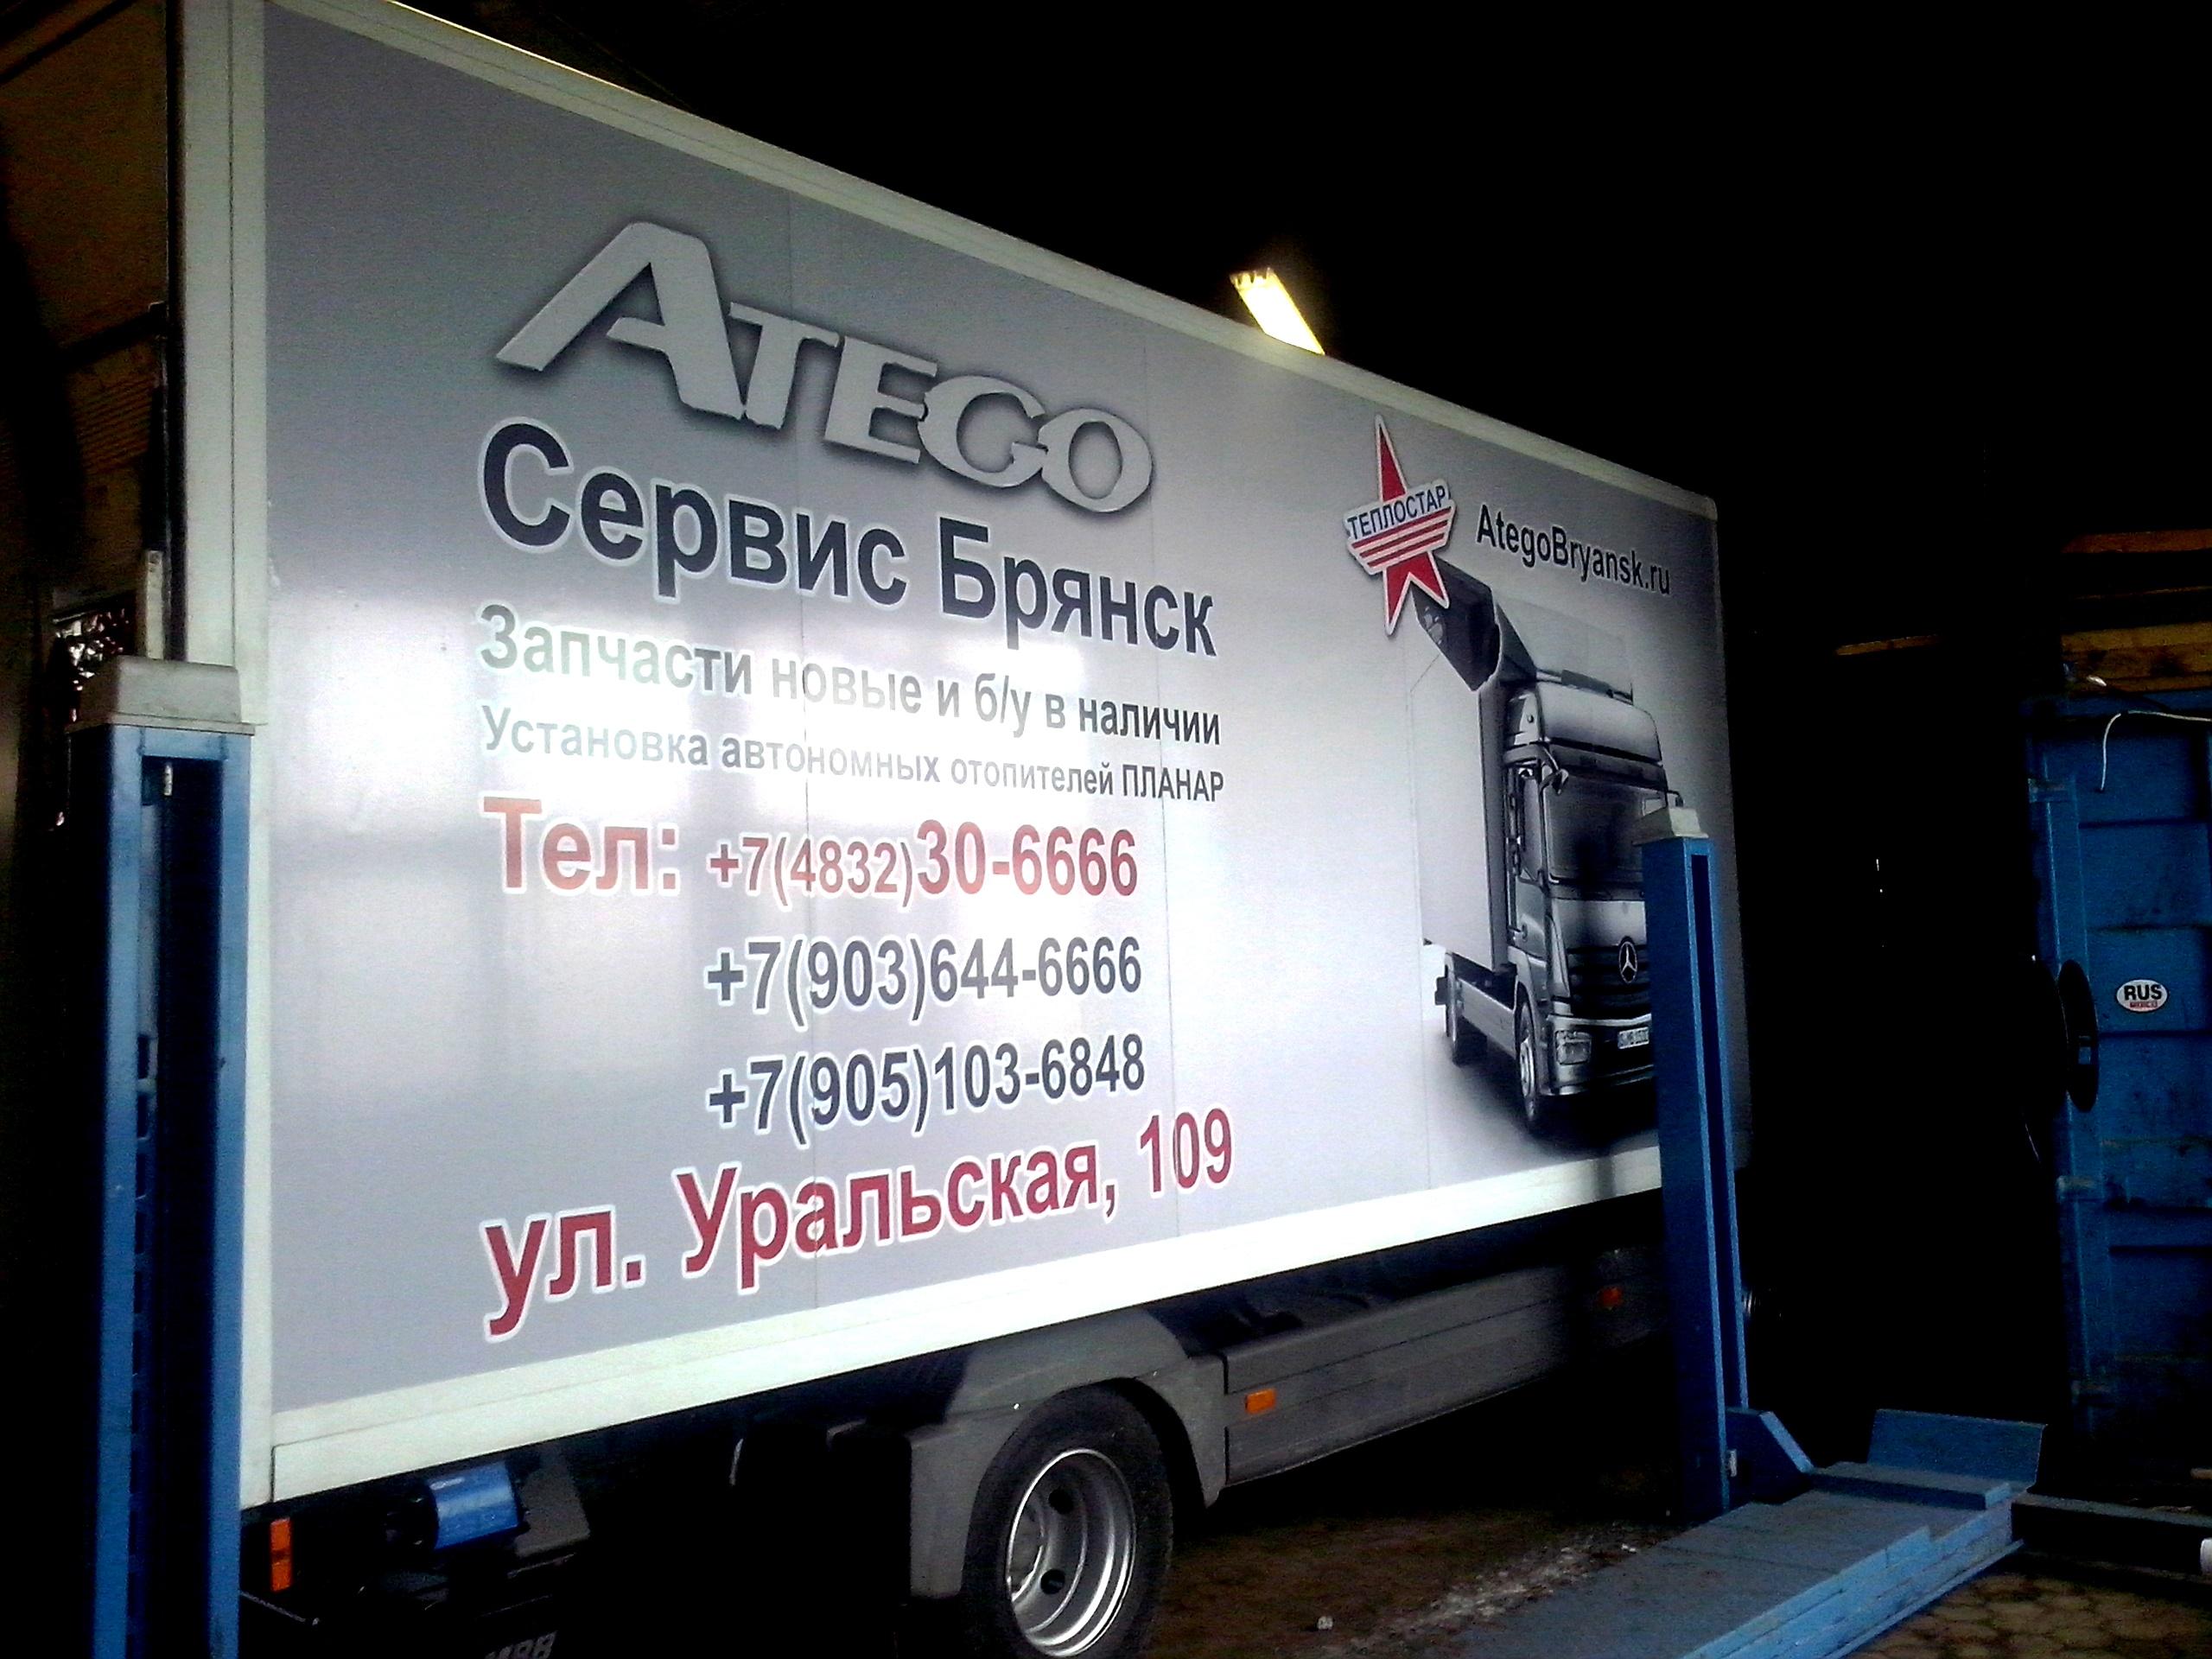 ATEGO, брендирование авто, Вавилон-32